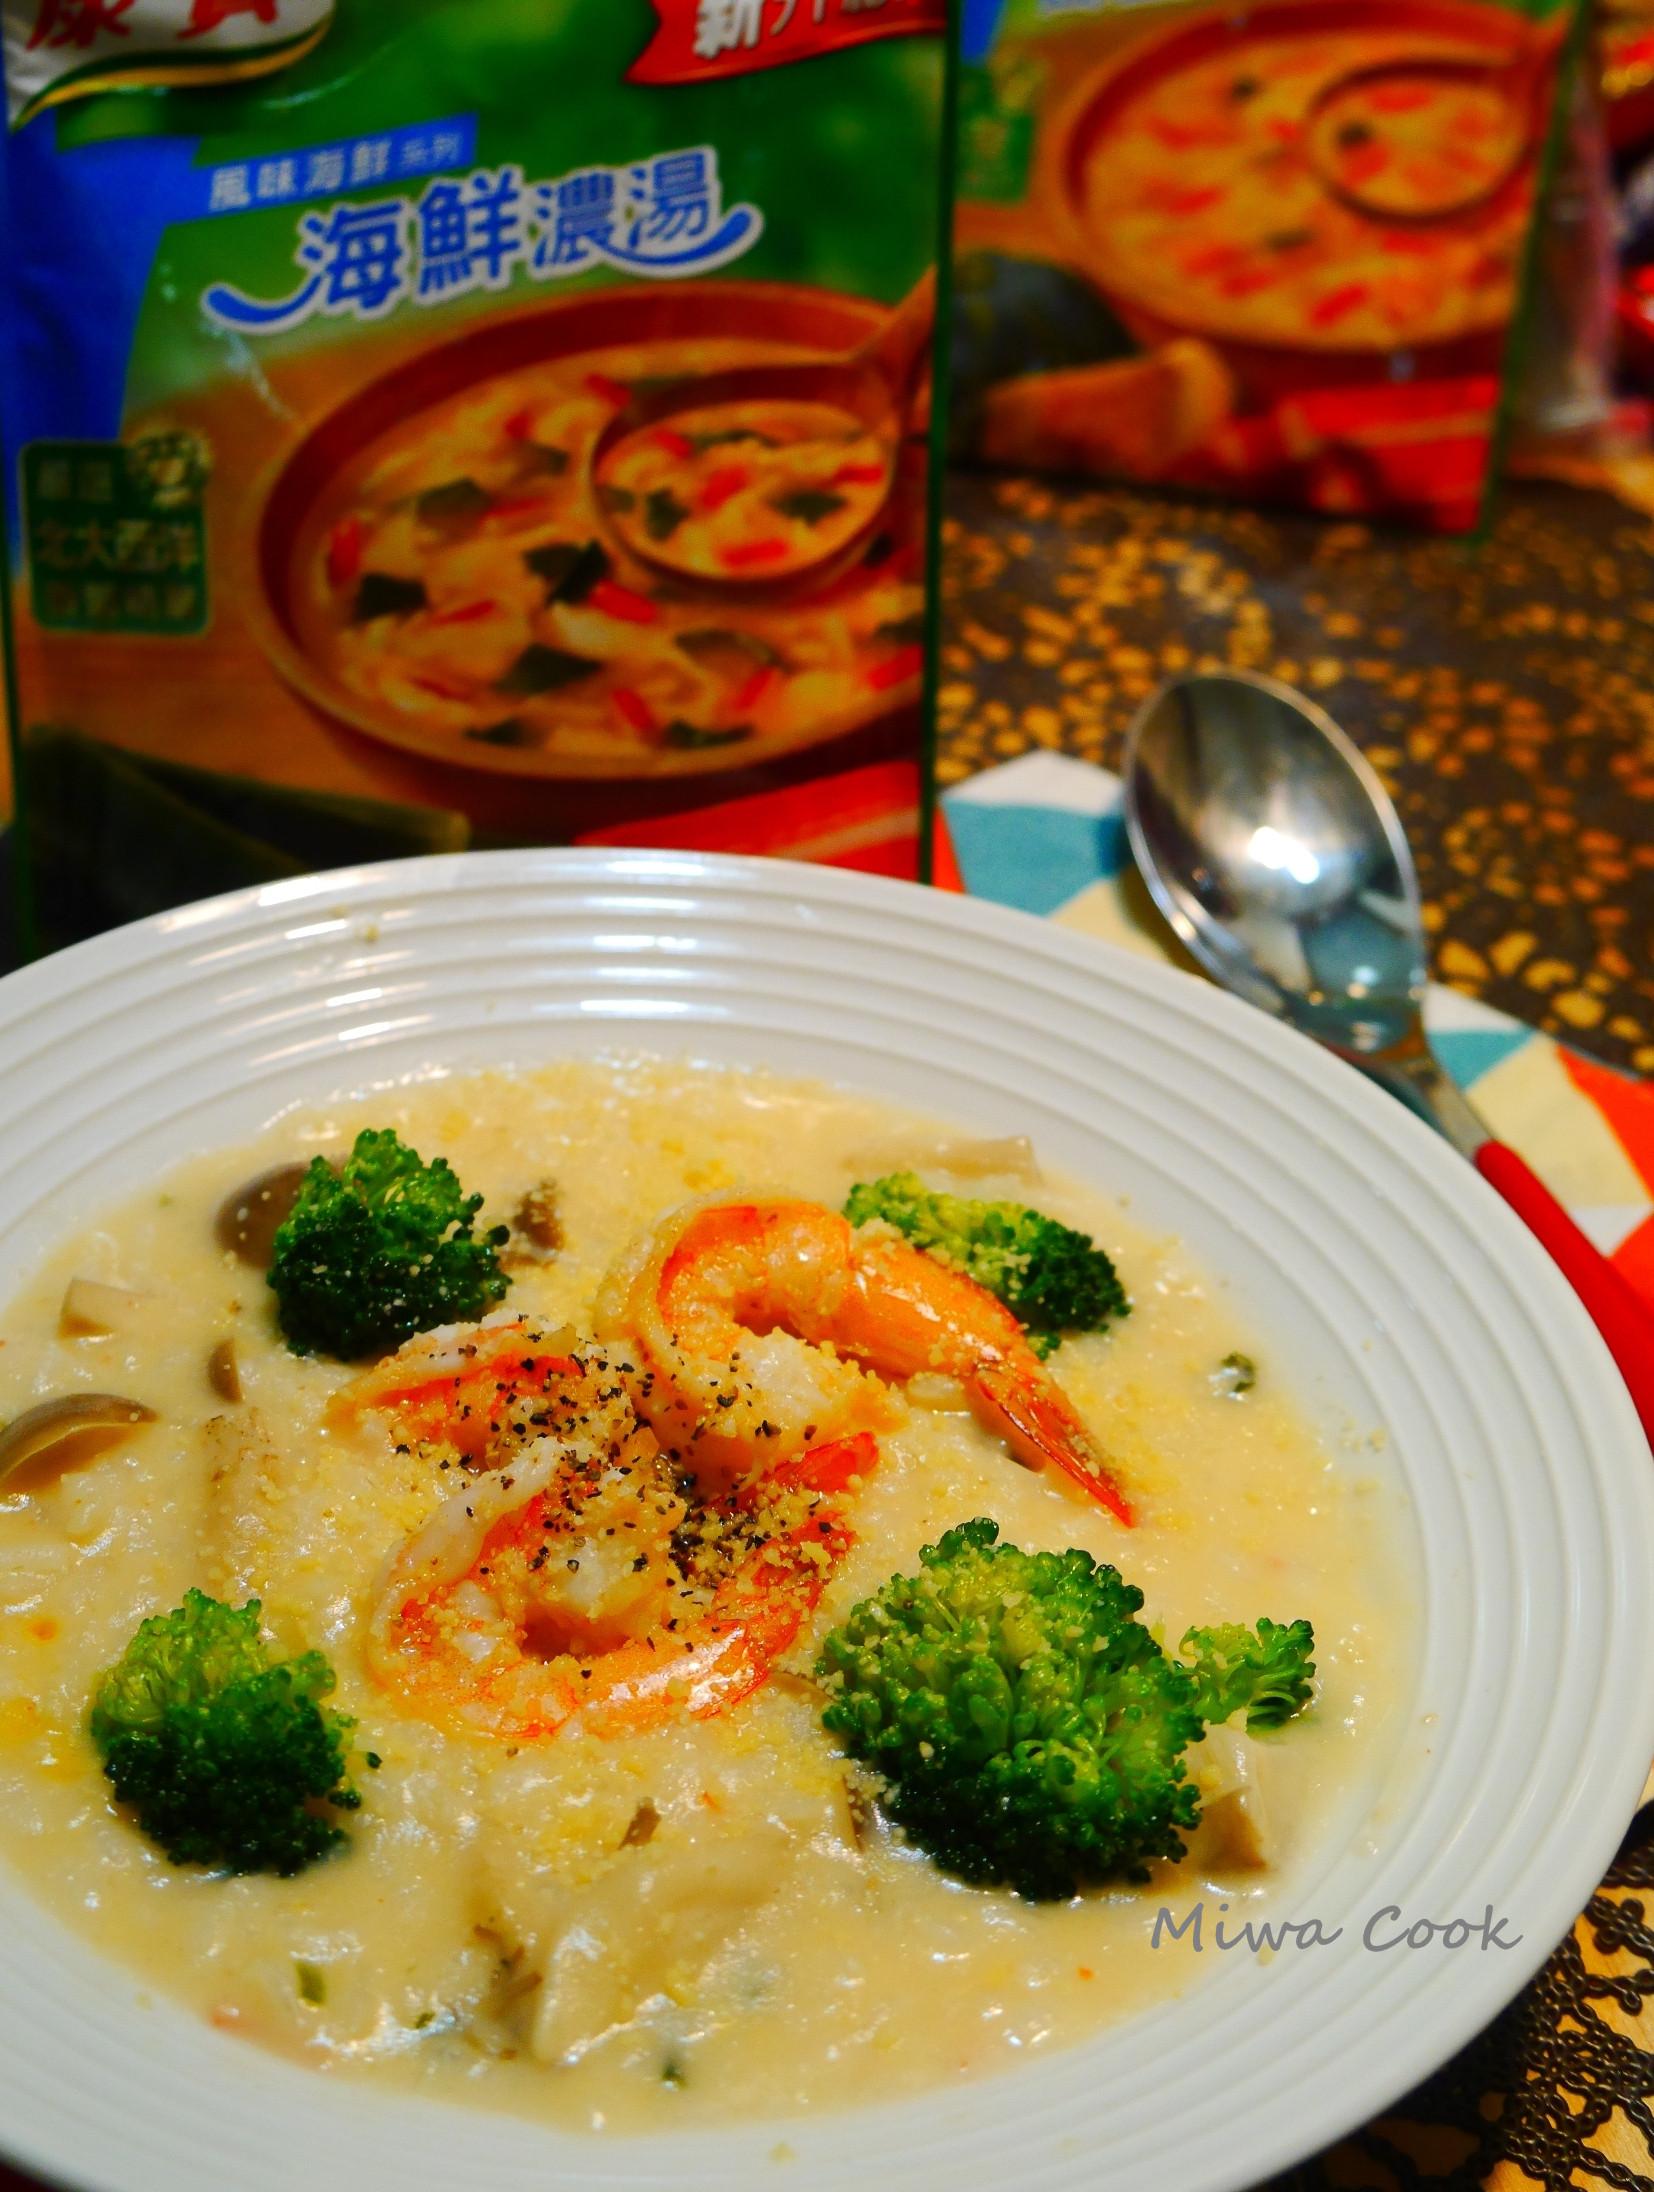 6分鐘煮異國料理-鮮蝦菇菇起司海鮮粥